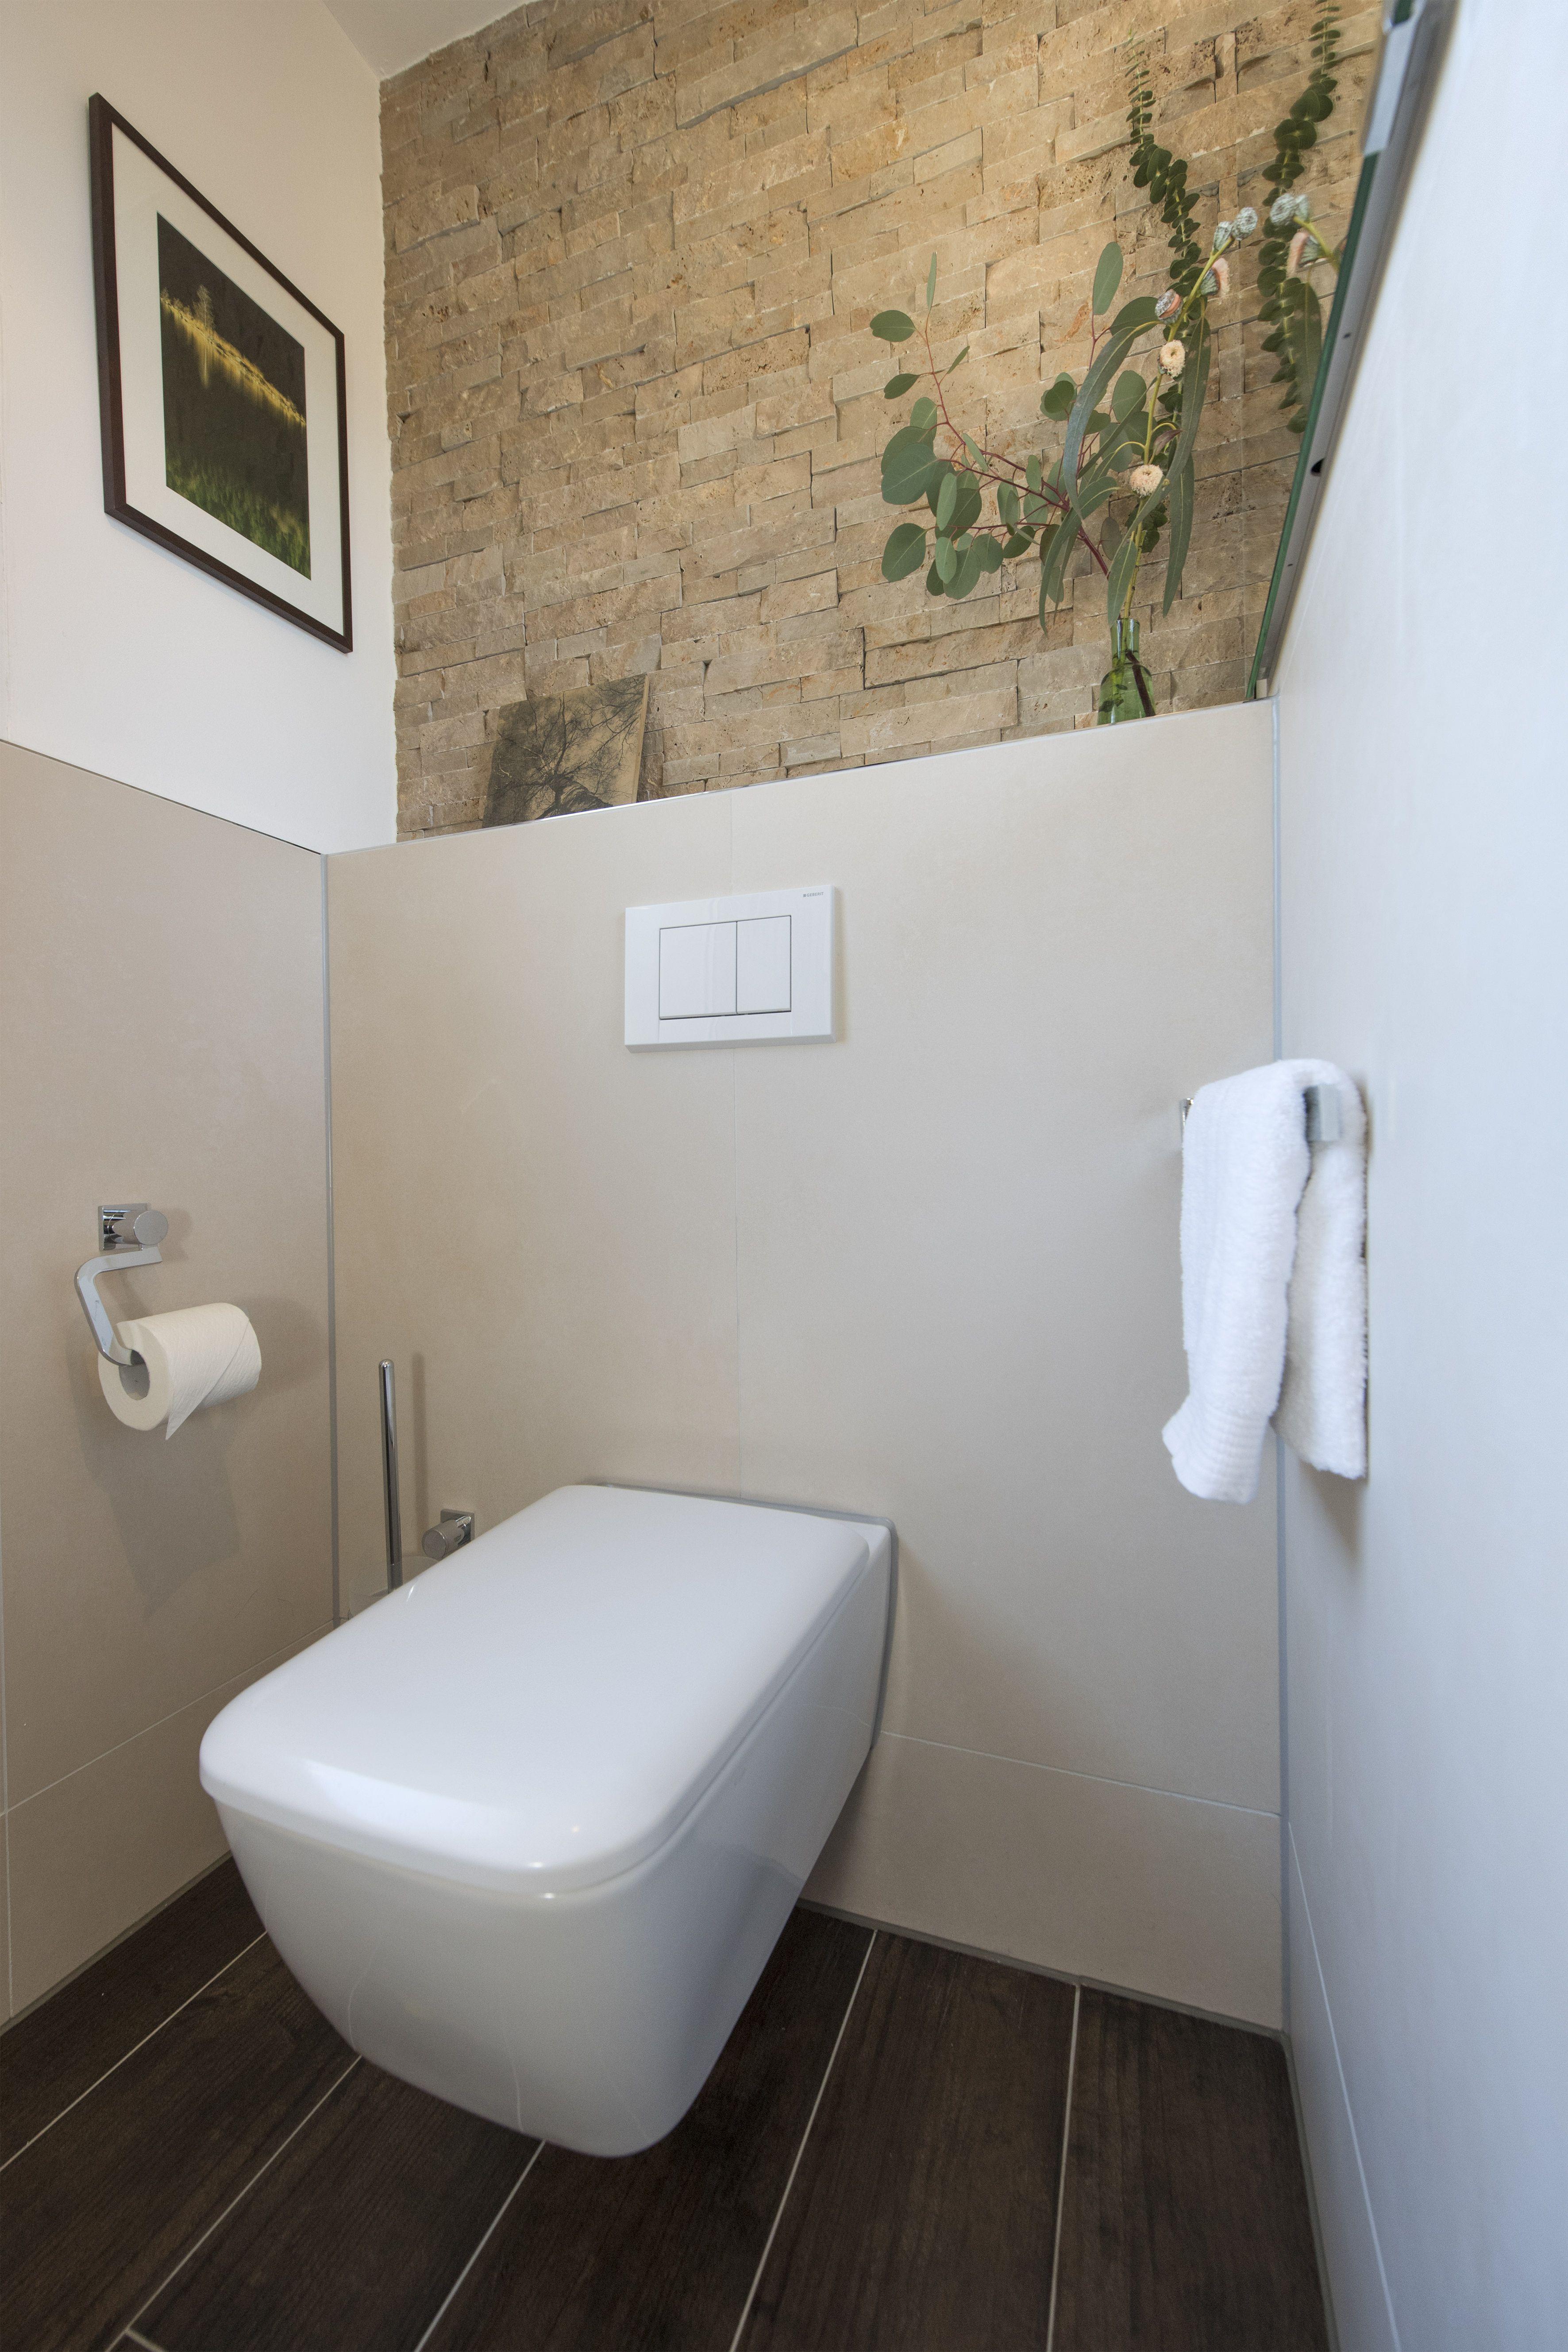 Moderne Toilette Vor Toller Bruchsteinwand Banovo Badsanierung Badrenovierung Bruchsteinwand Stein S Moderne Toilette Badezimmer Umbau Bad Fliesen Ideen